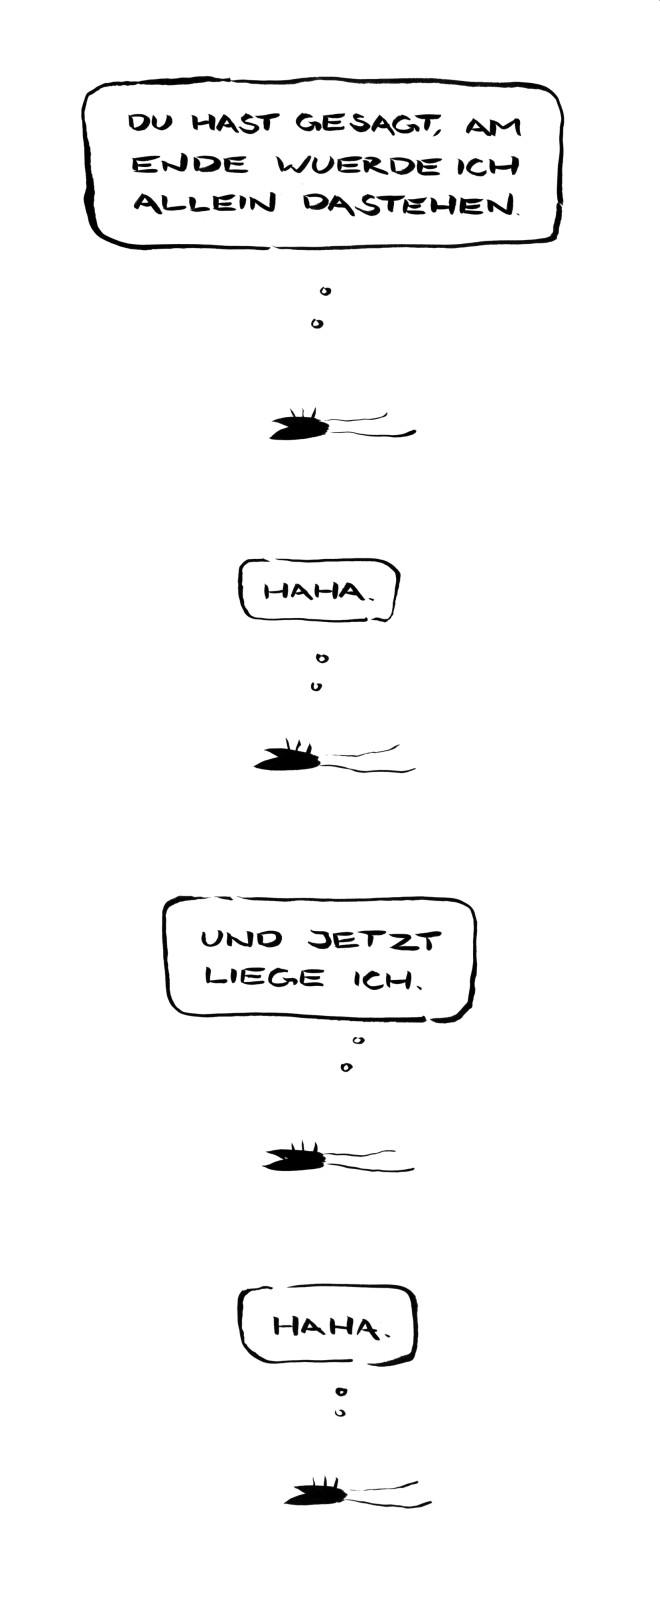 Viecher_04_Haltung_Cartoon_ohne